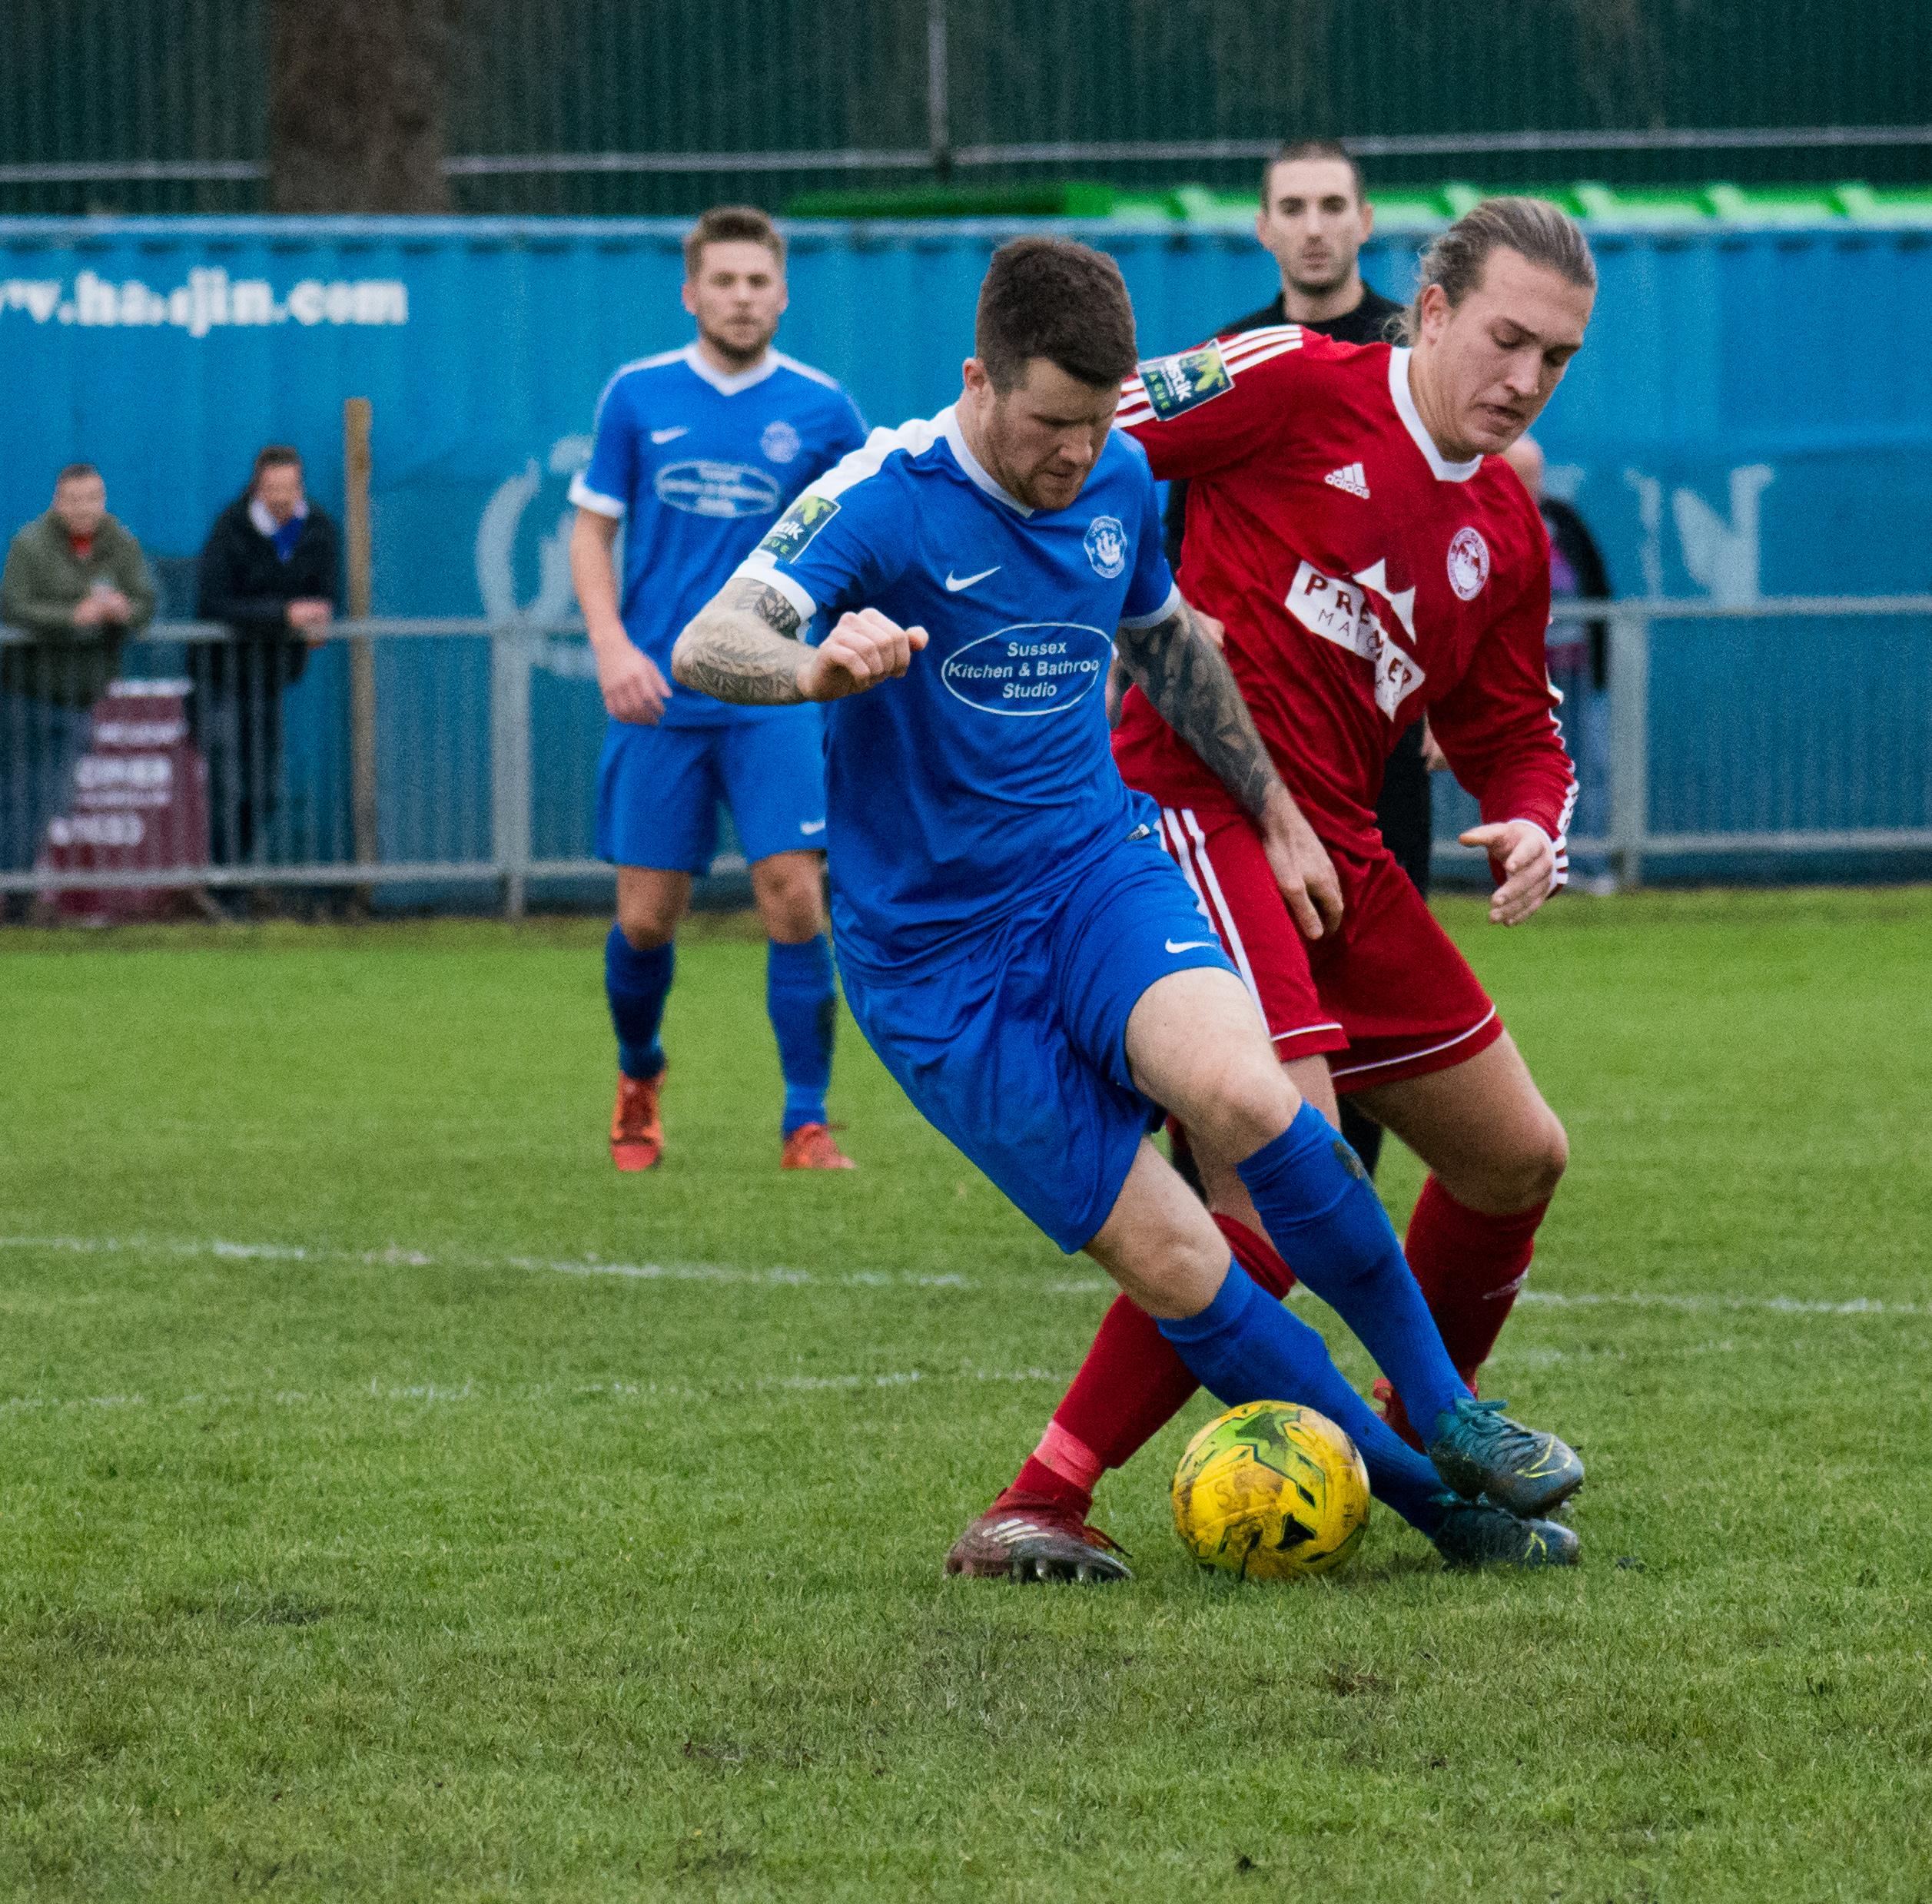 Shoreham FC vs Hythe Town 11.11.17 48